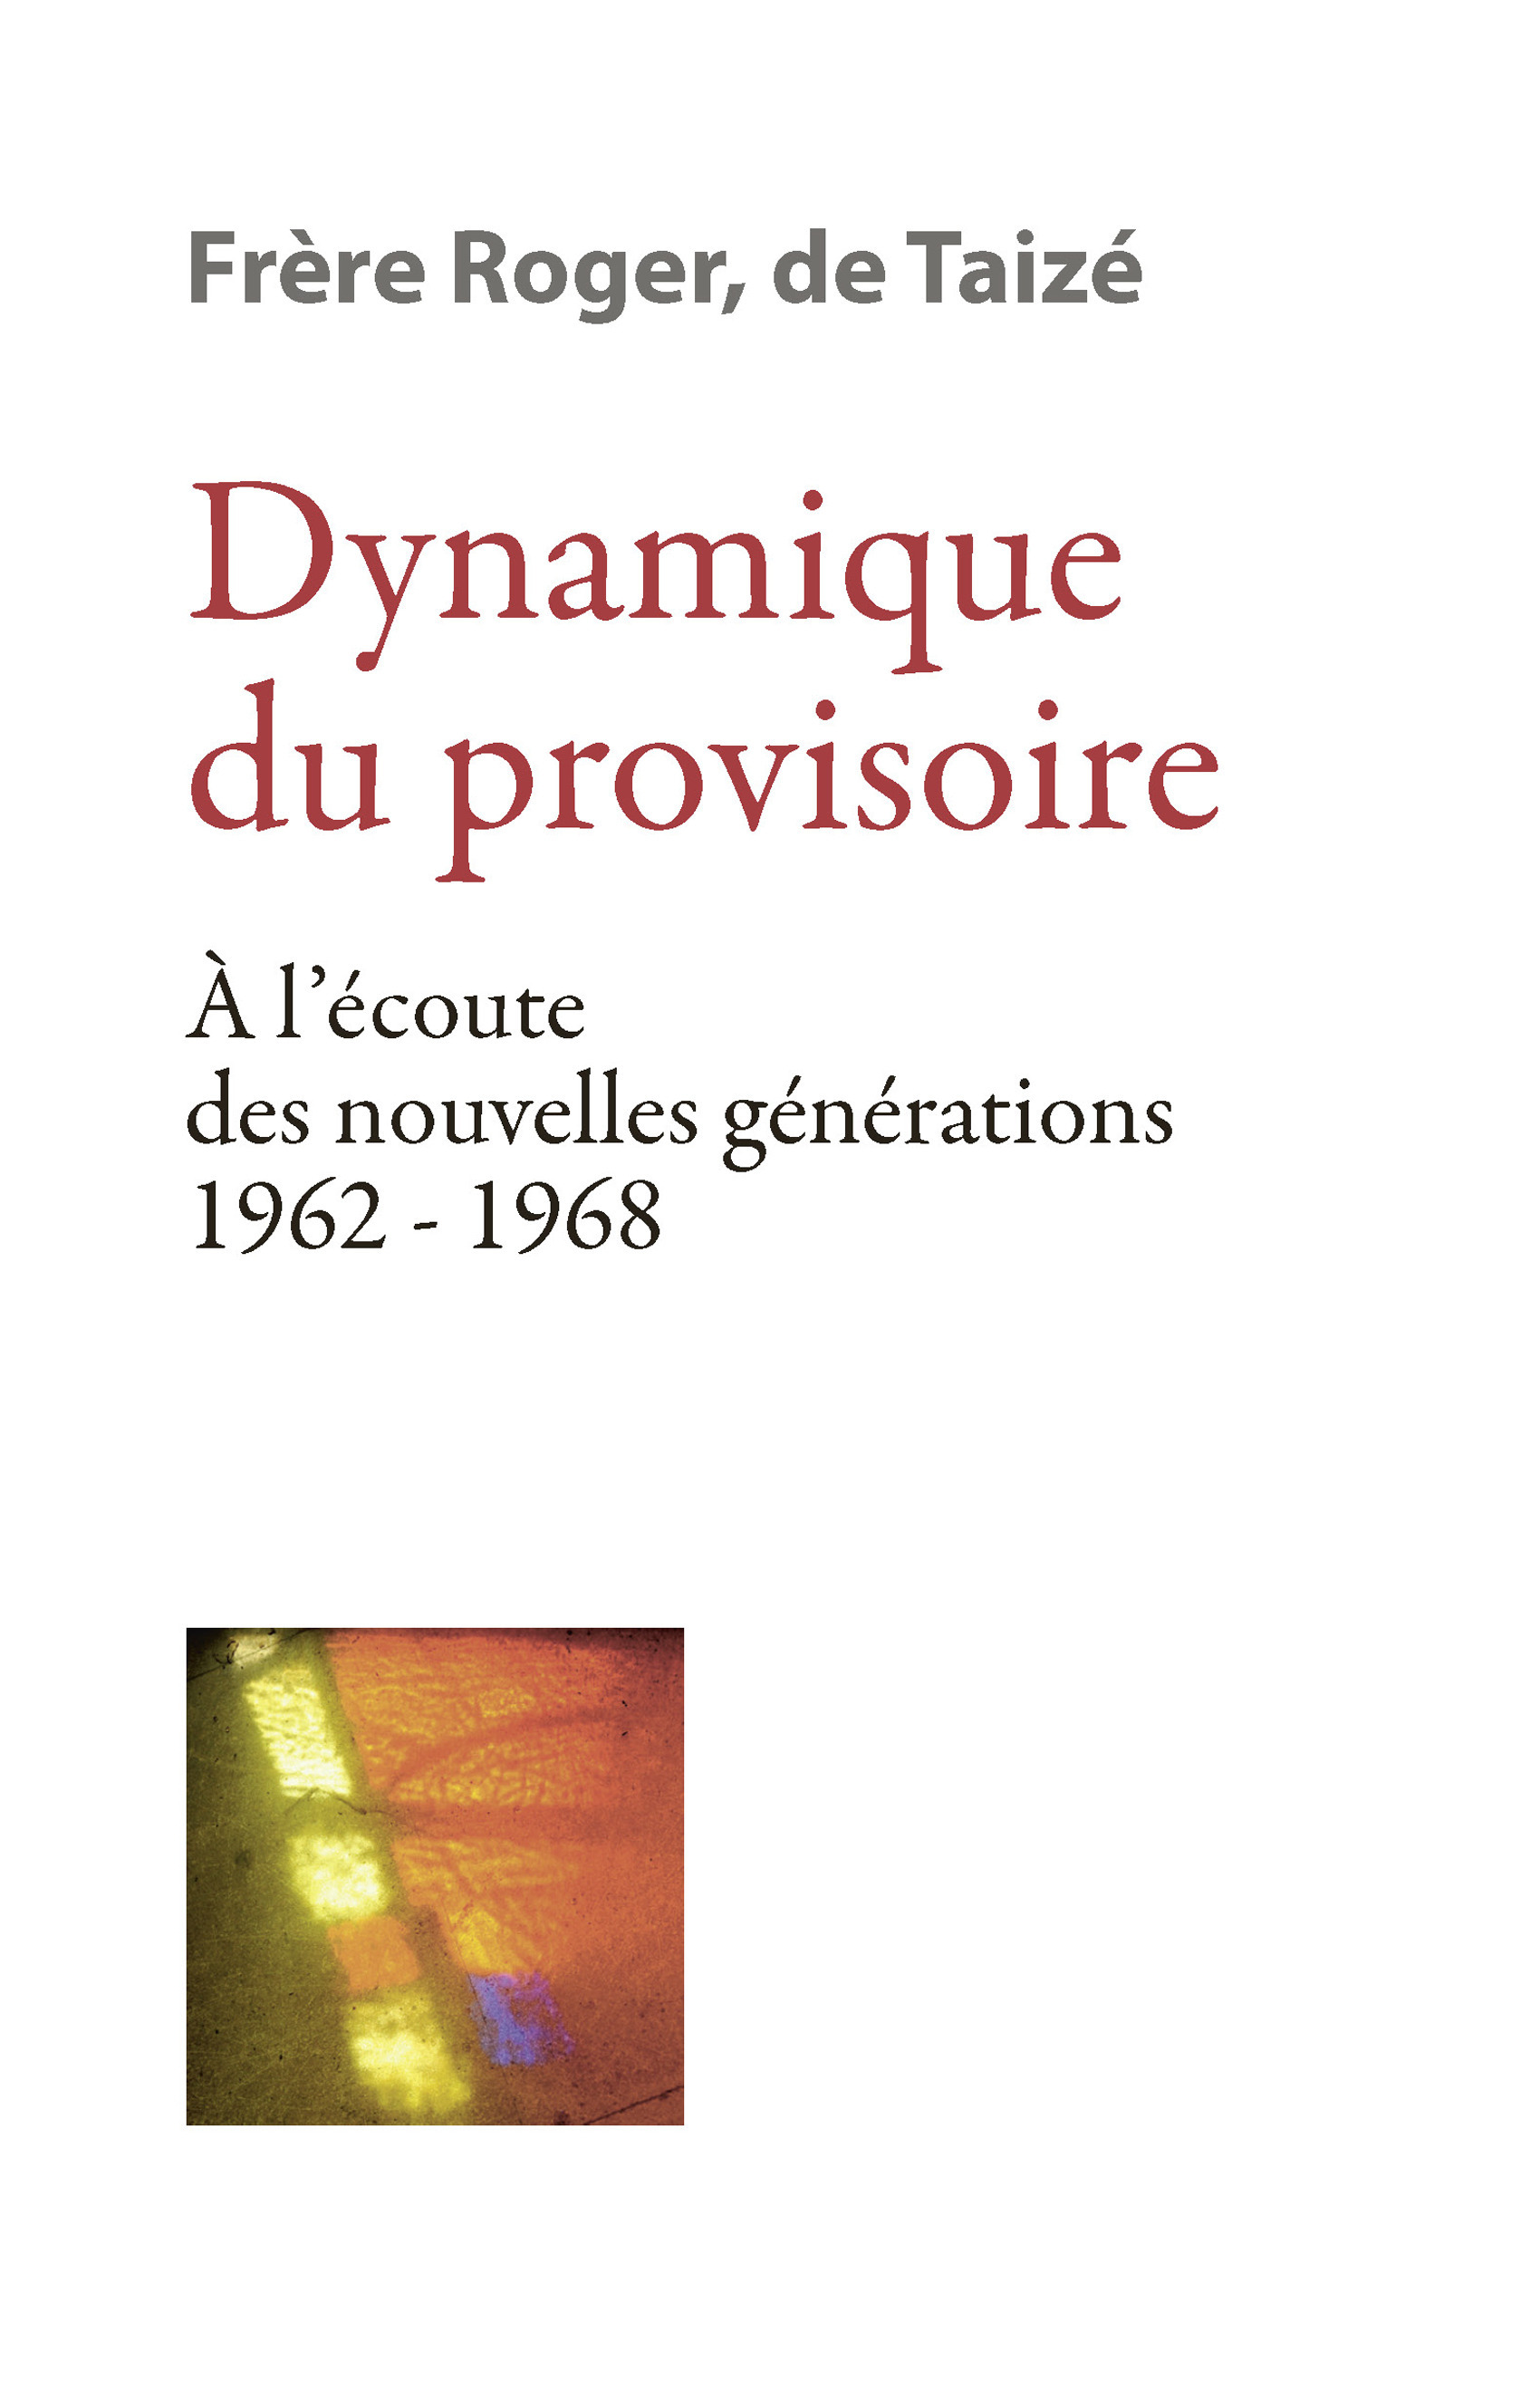 Dynamique du provisoire ; à l'écoute des nouvelles générations 1962-1968